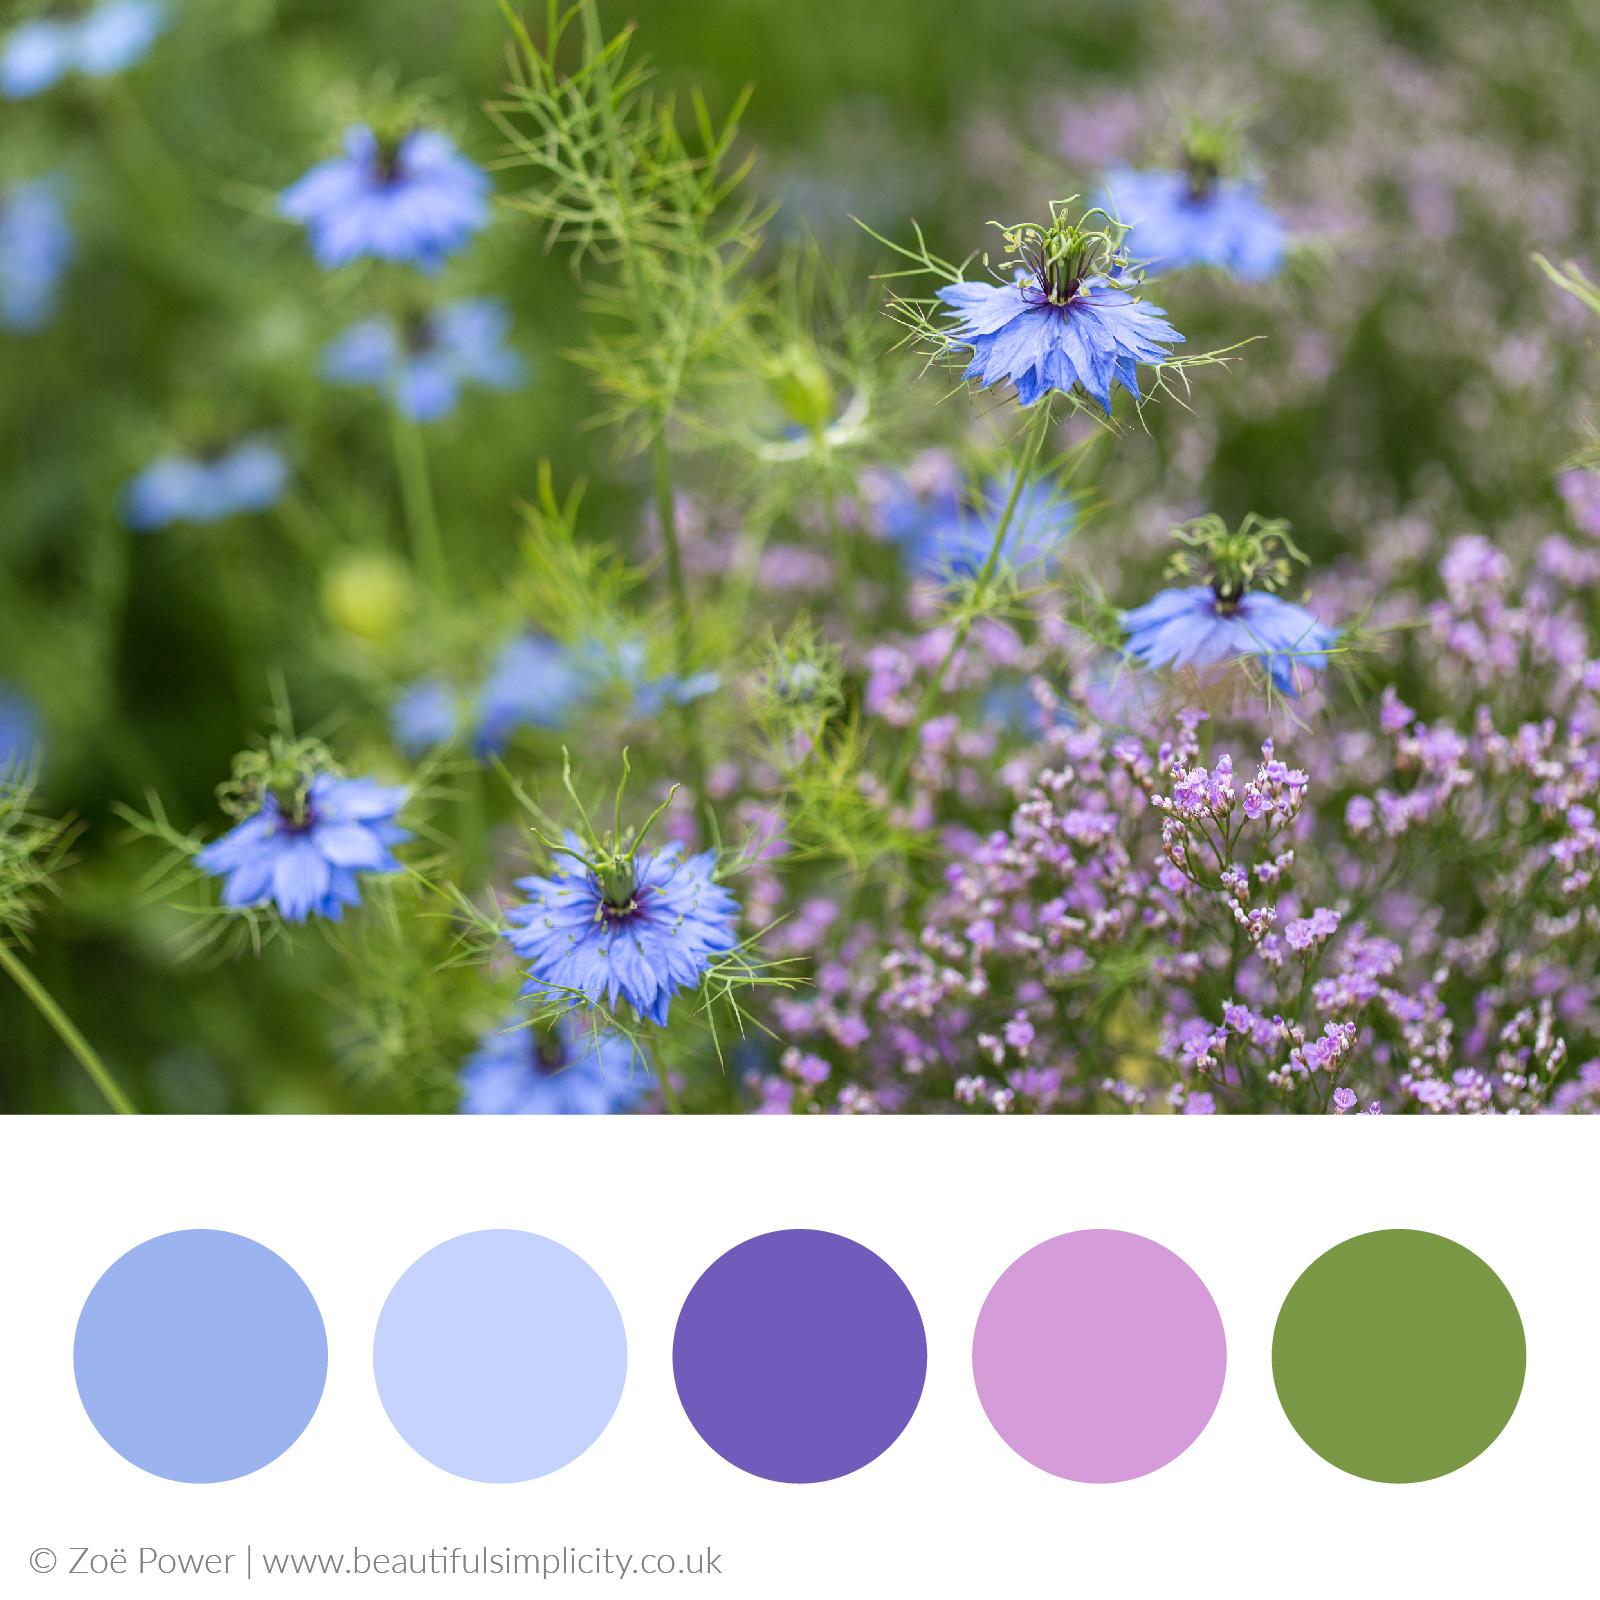 Cornflower blues and purples colour palette   West Dean Gardens, West Sussex, UK